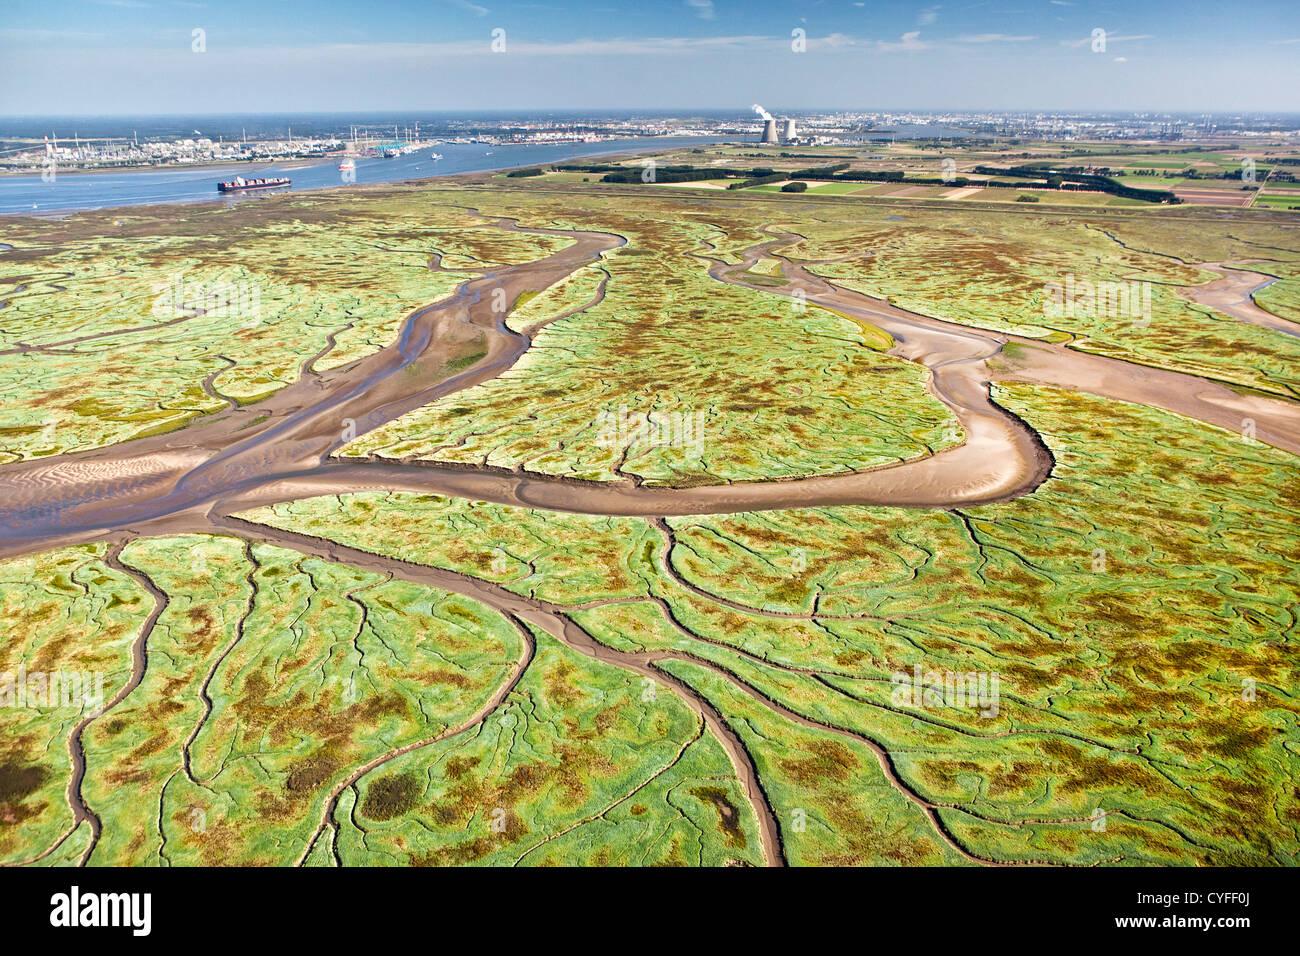 The Netherlands, Nieuw Namen, Westerschelde river. Background industrial area of Antwerp. Foreground tidal marshland. - Stock Image